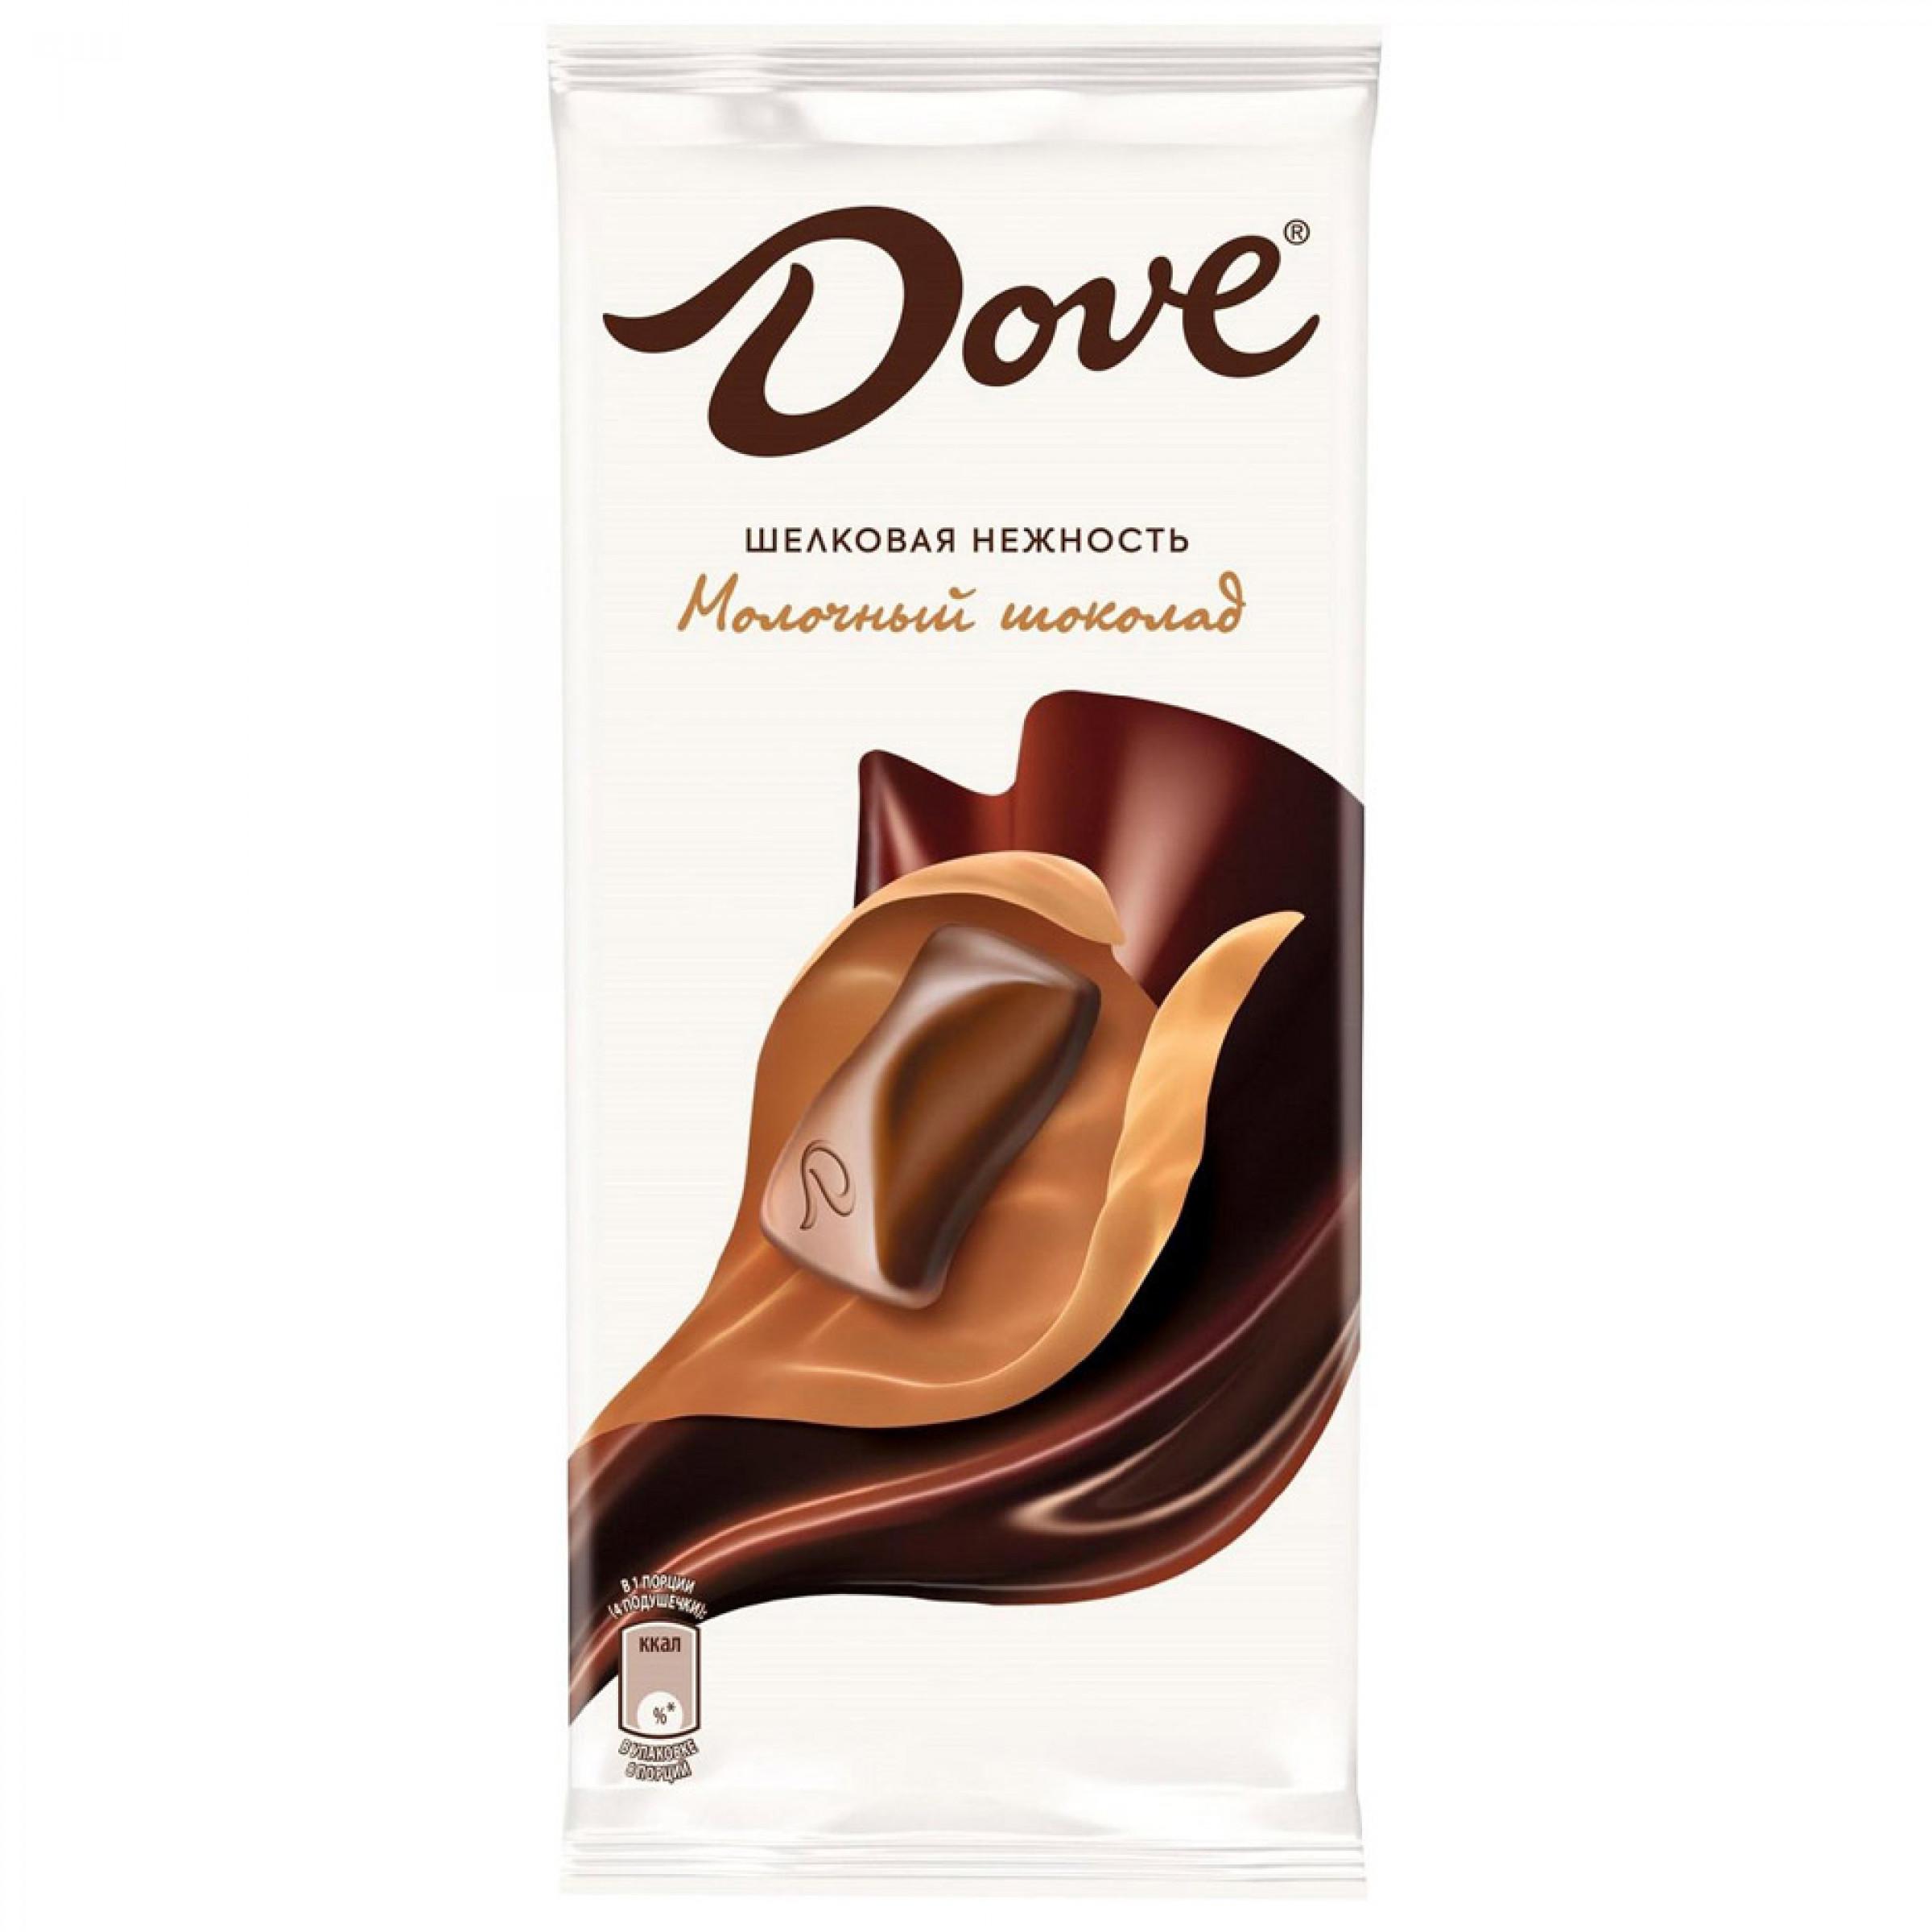 Шоколад молочный Dove, 90 гр